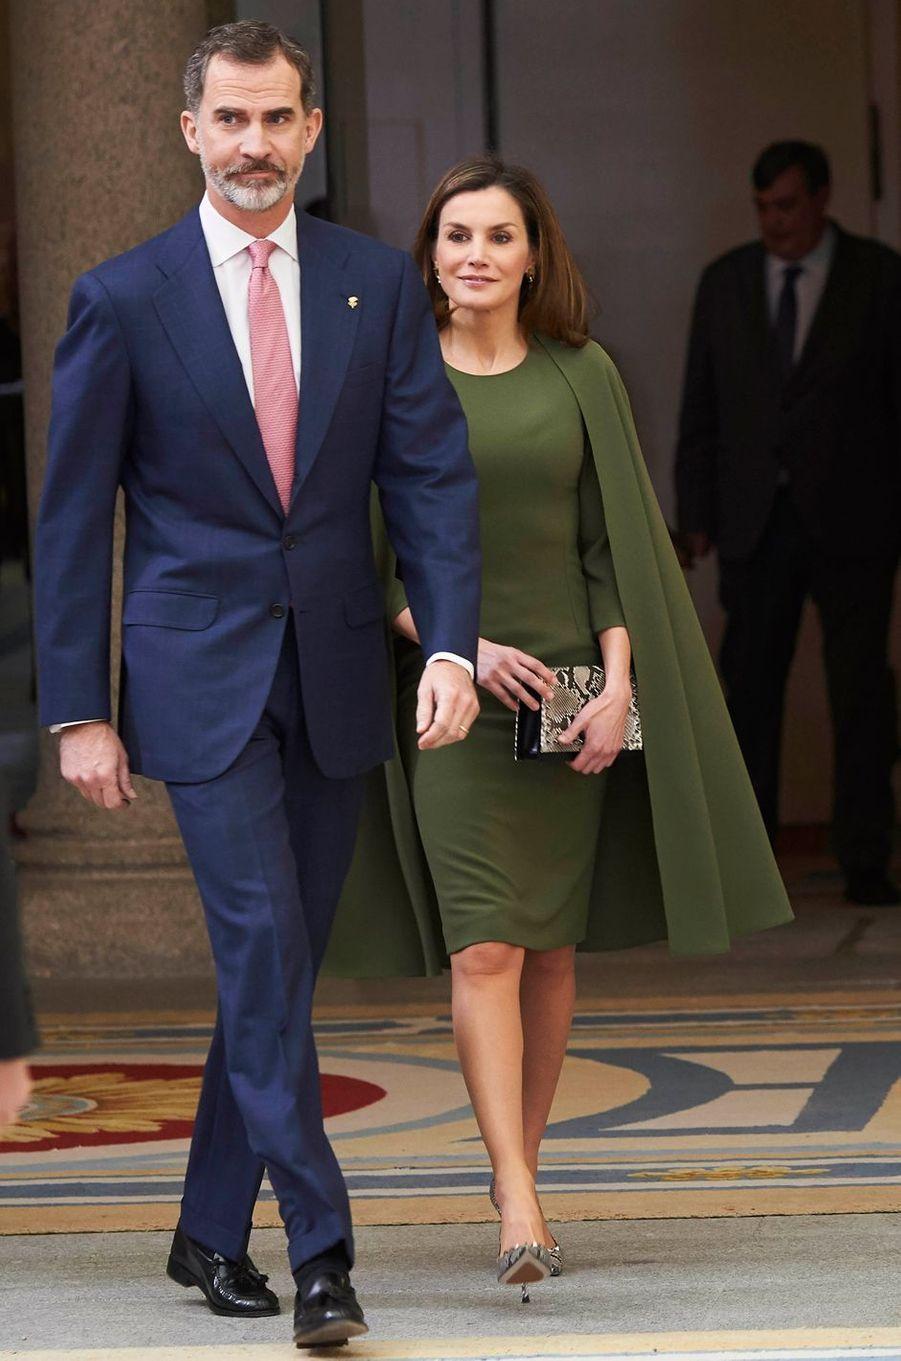 Le roi Felipe VI et la reine Letizia d'Espagne à Madrid, le 19 février 2018